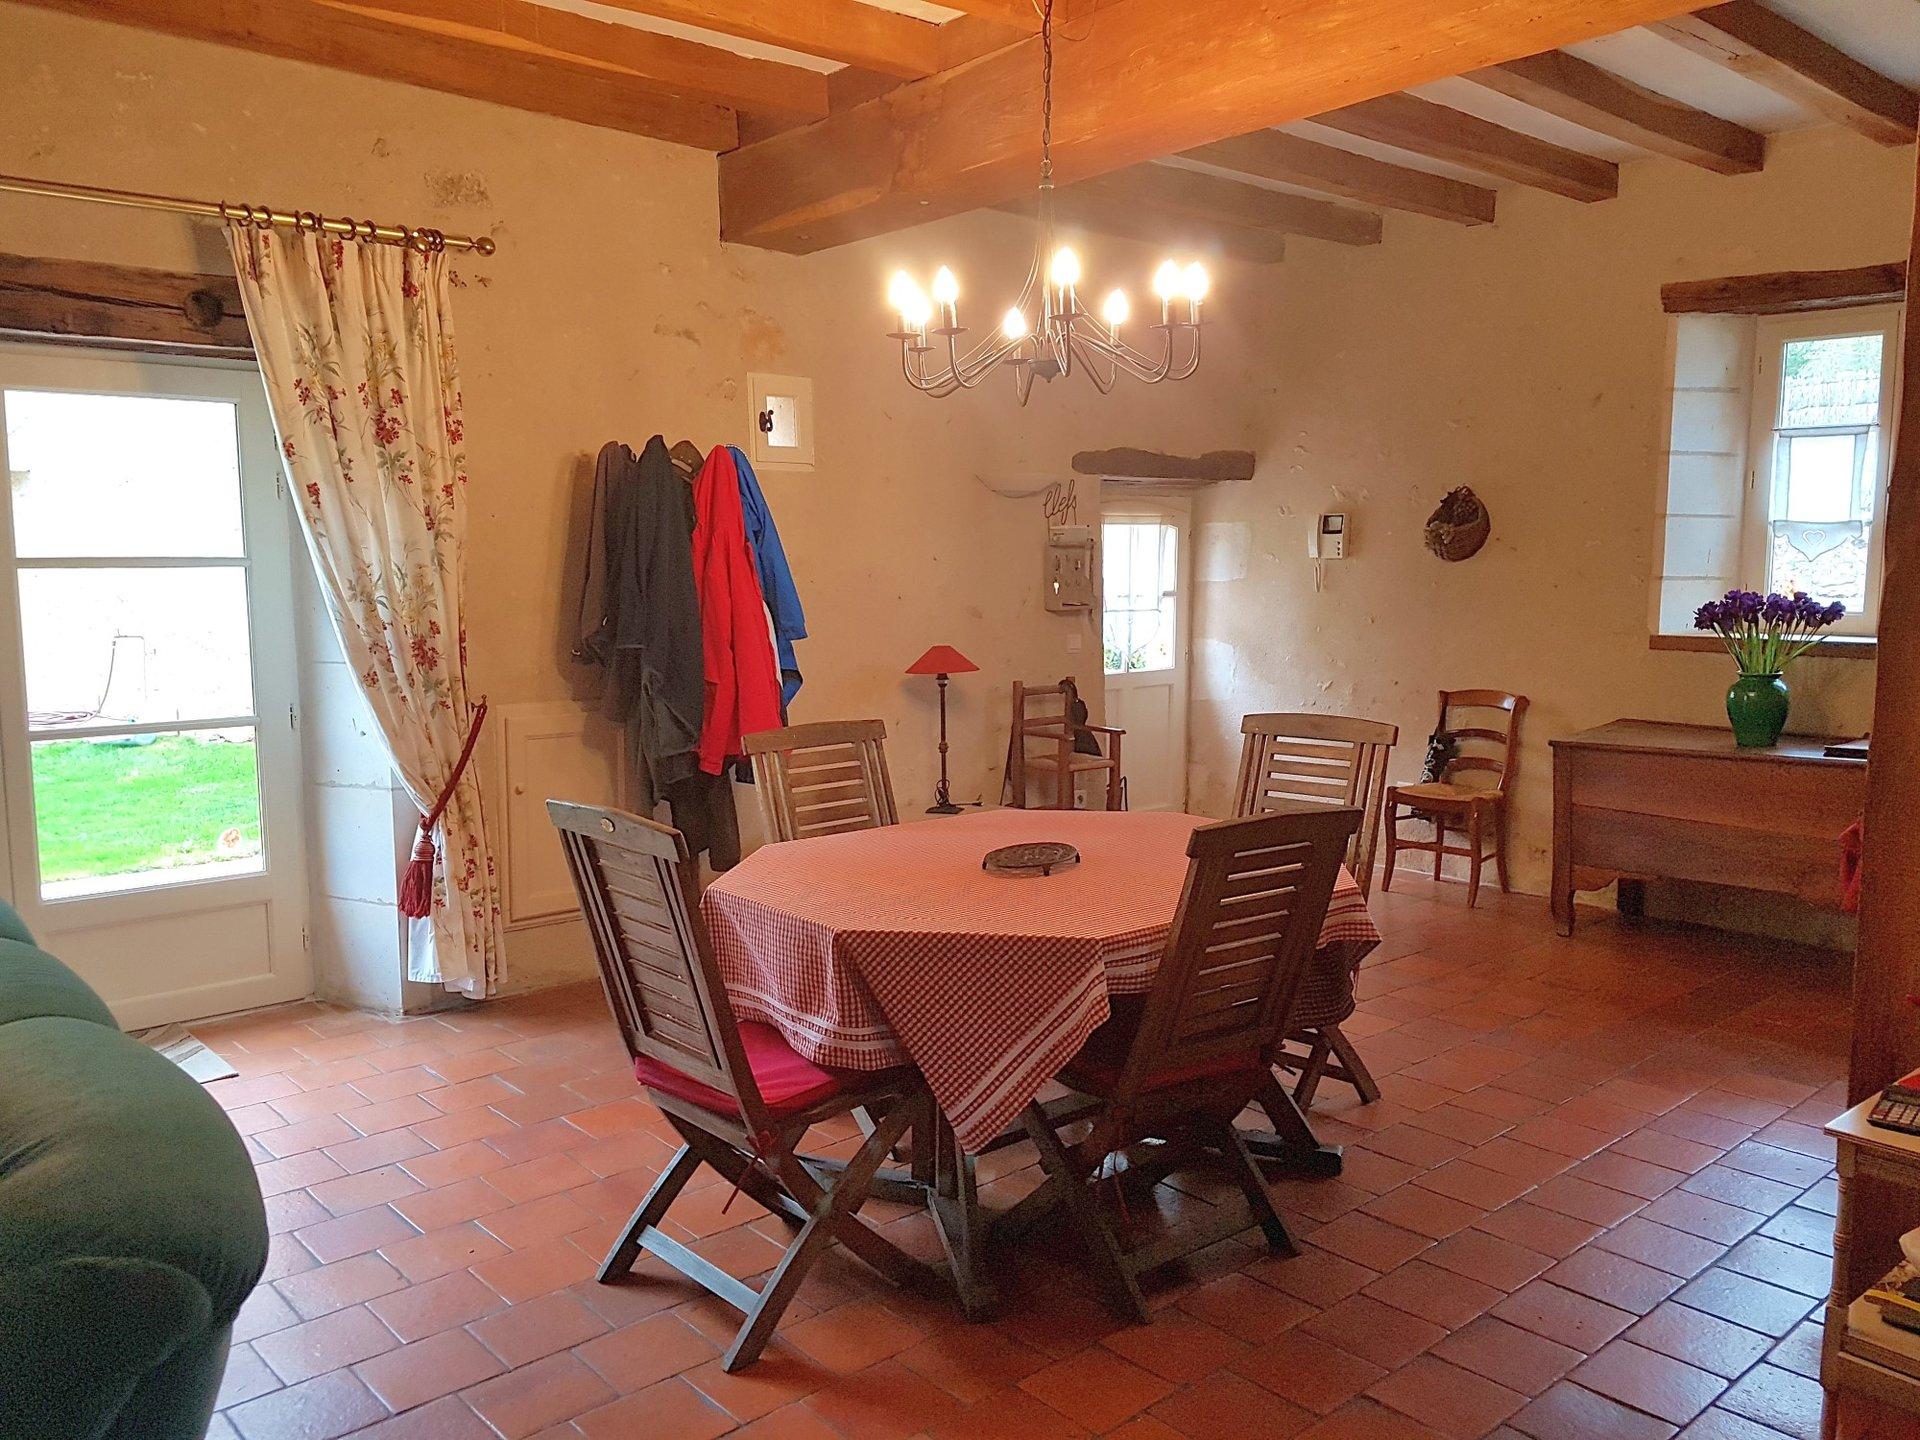 Proche Le Blanc, Indre 36: maison rurale en excellent état